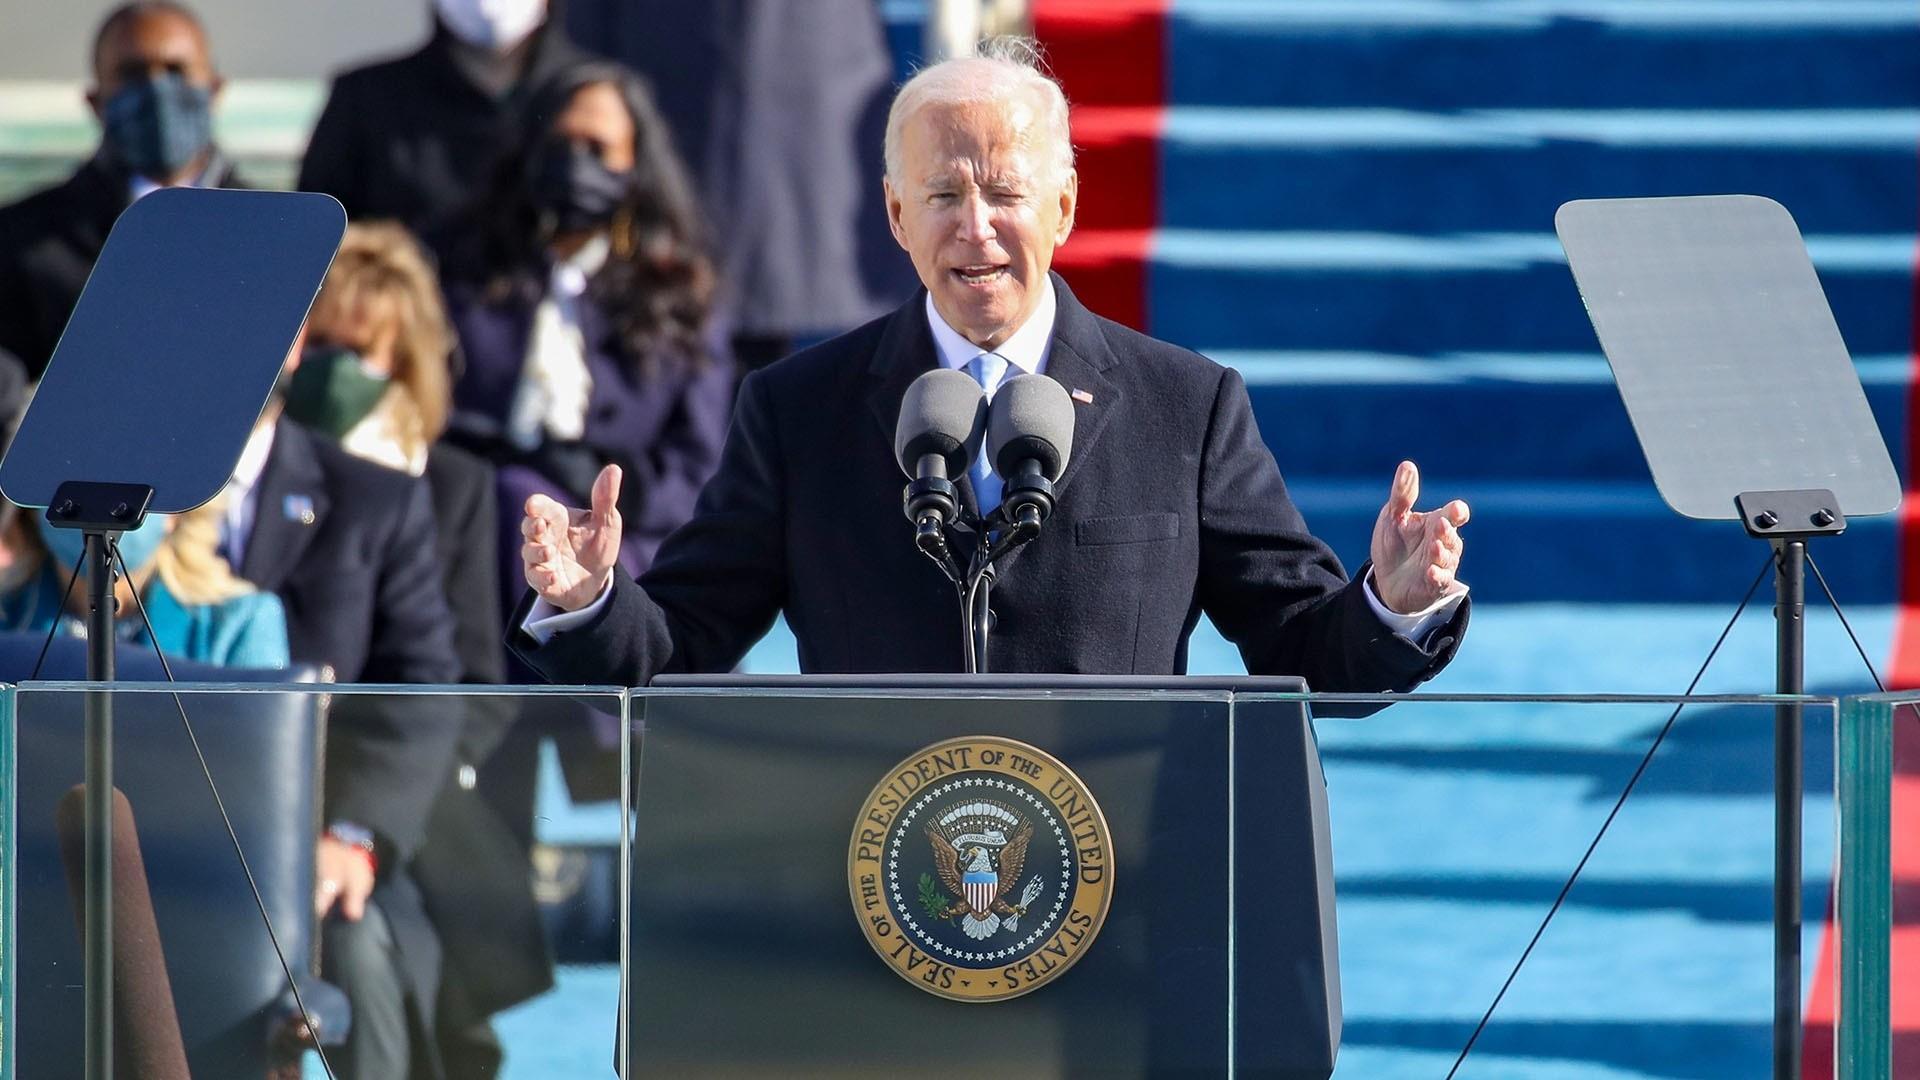 Joe Biden e l'Inaugural Address di un Paese in crisi - Geopolitica.info